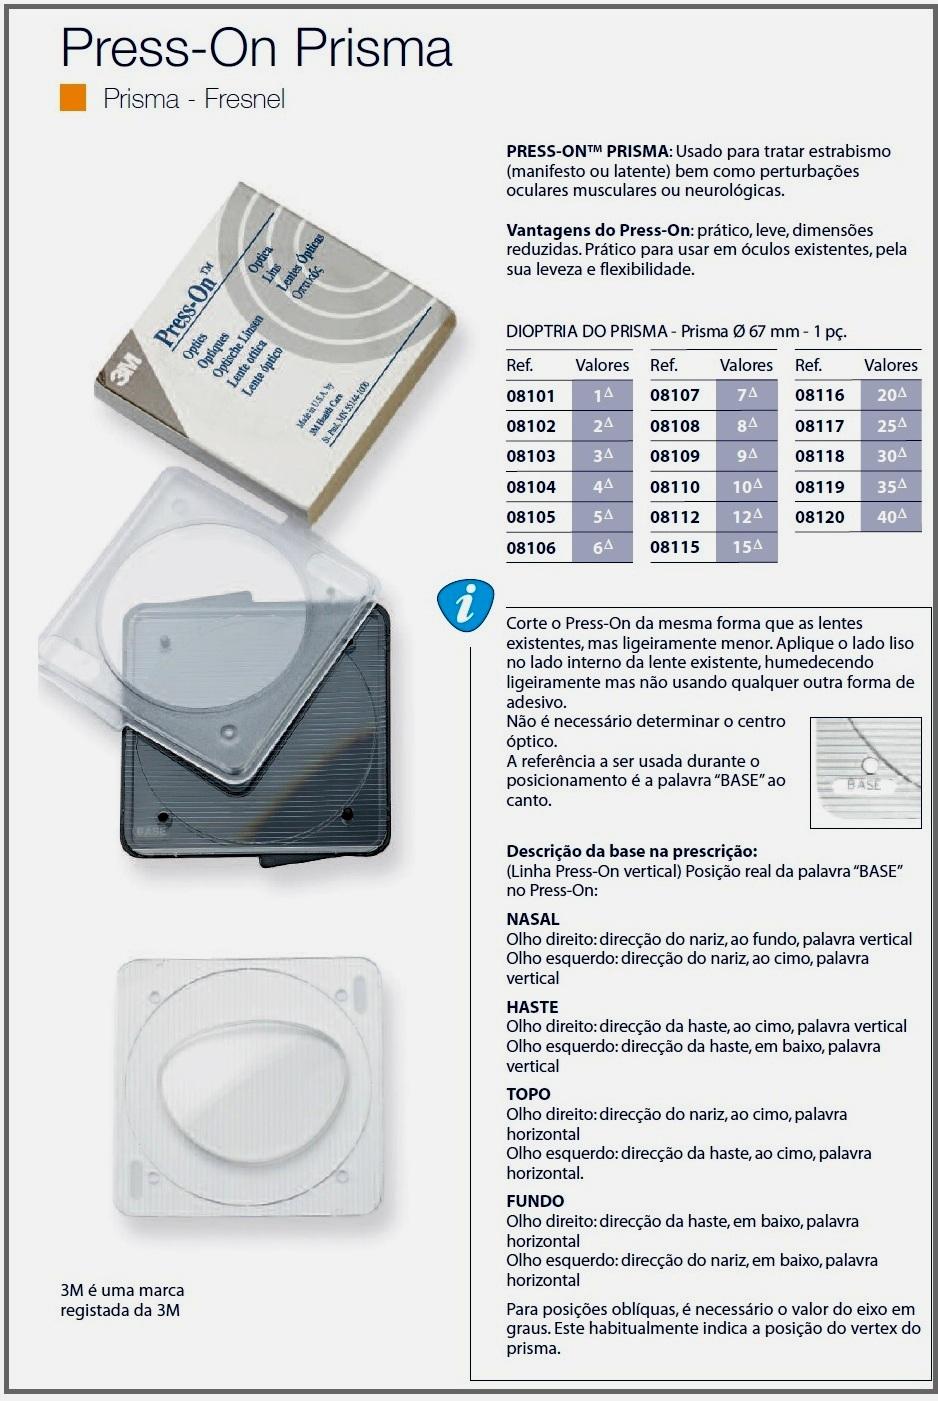 0208112 - CorreçãoVisual 02 Press-On Prisma 12 Mod 8112 FLAG O  -Contém 1 Peça